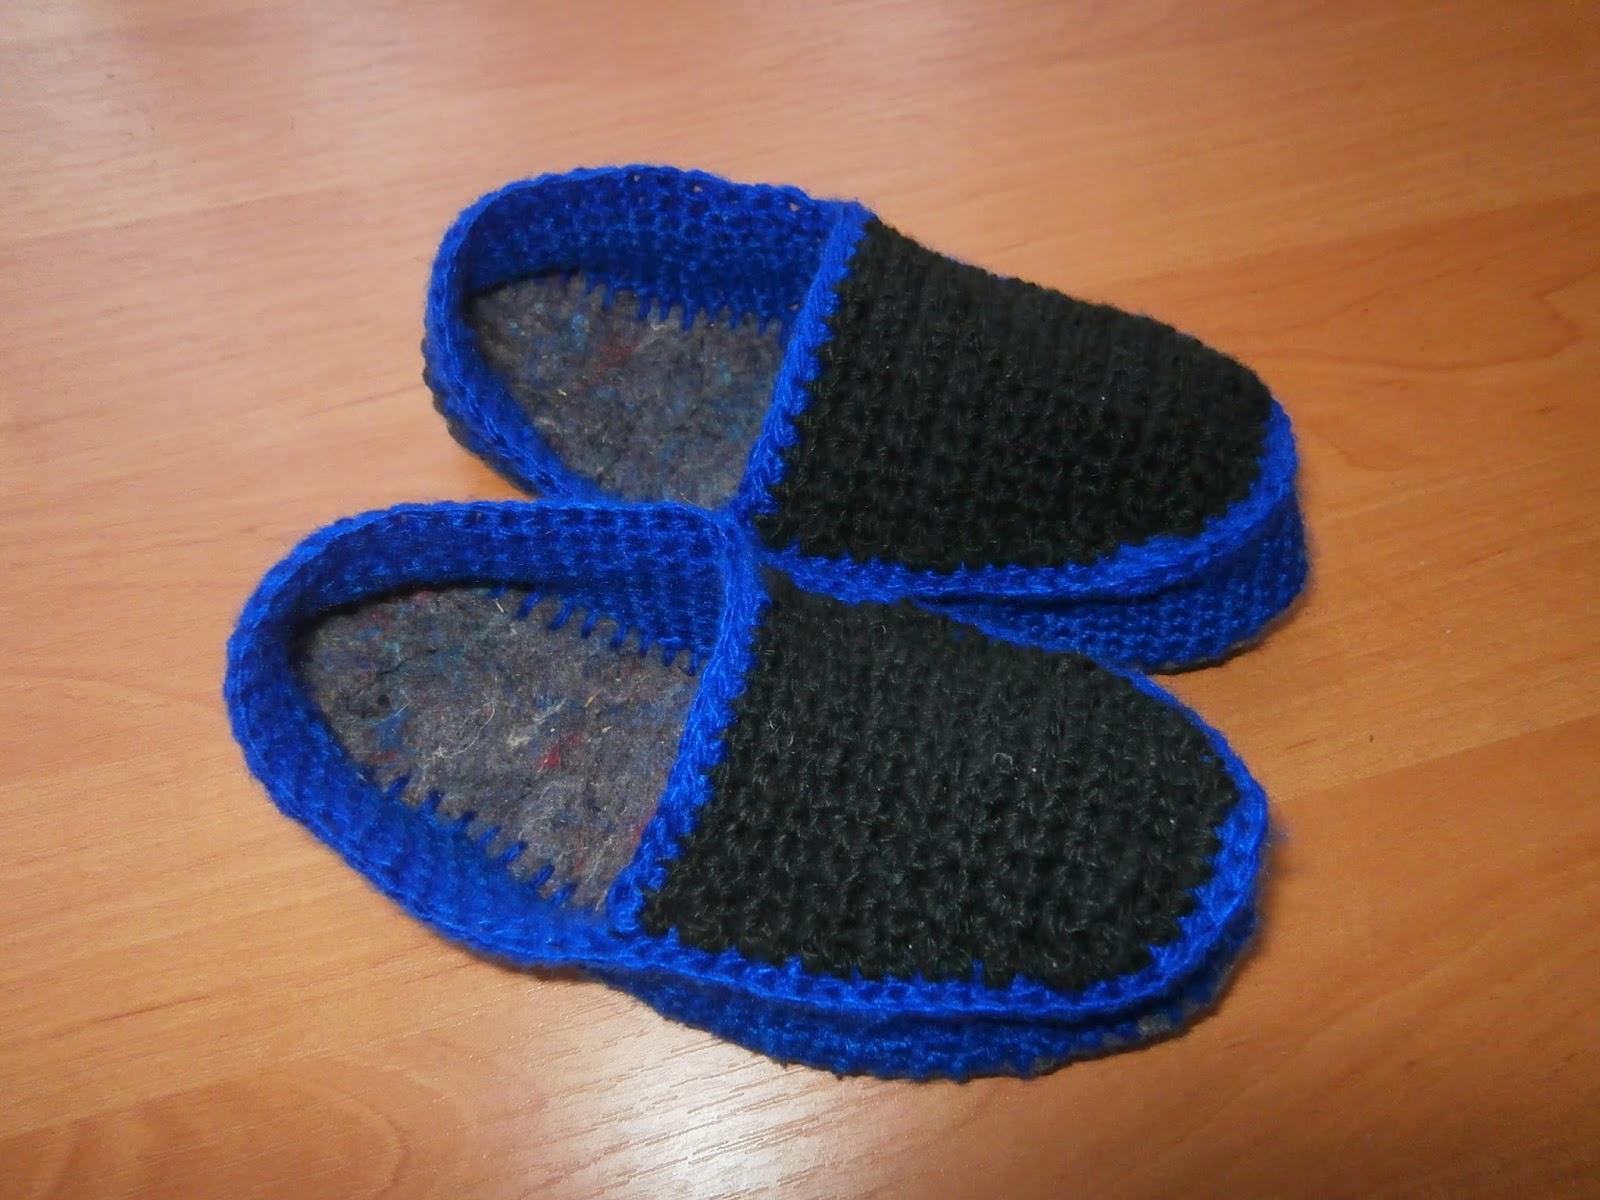 Как связать носки спицами на войлочной подошве. Мастер-класс